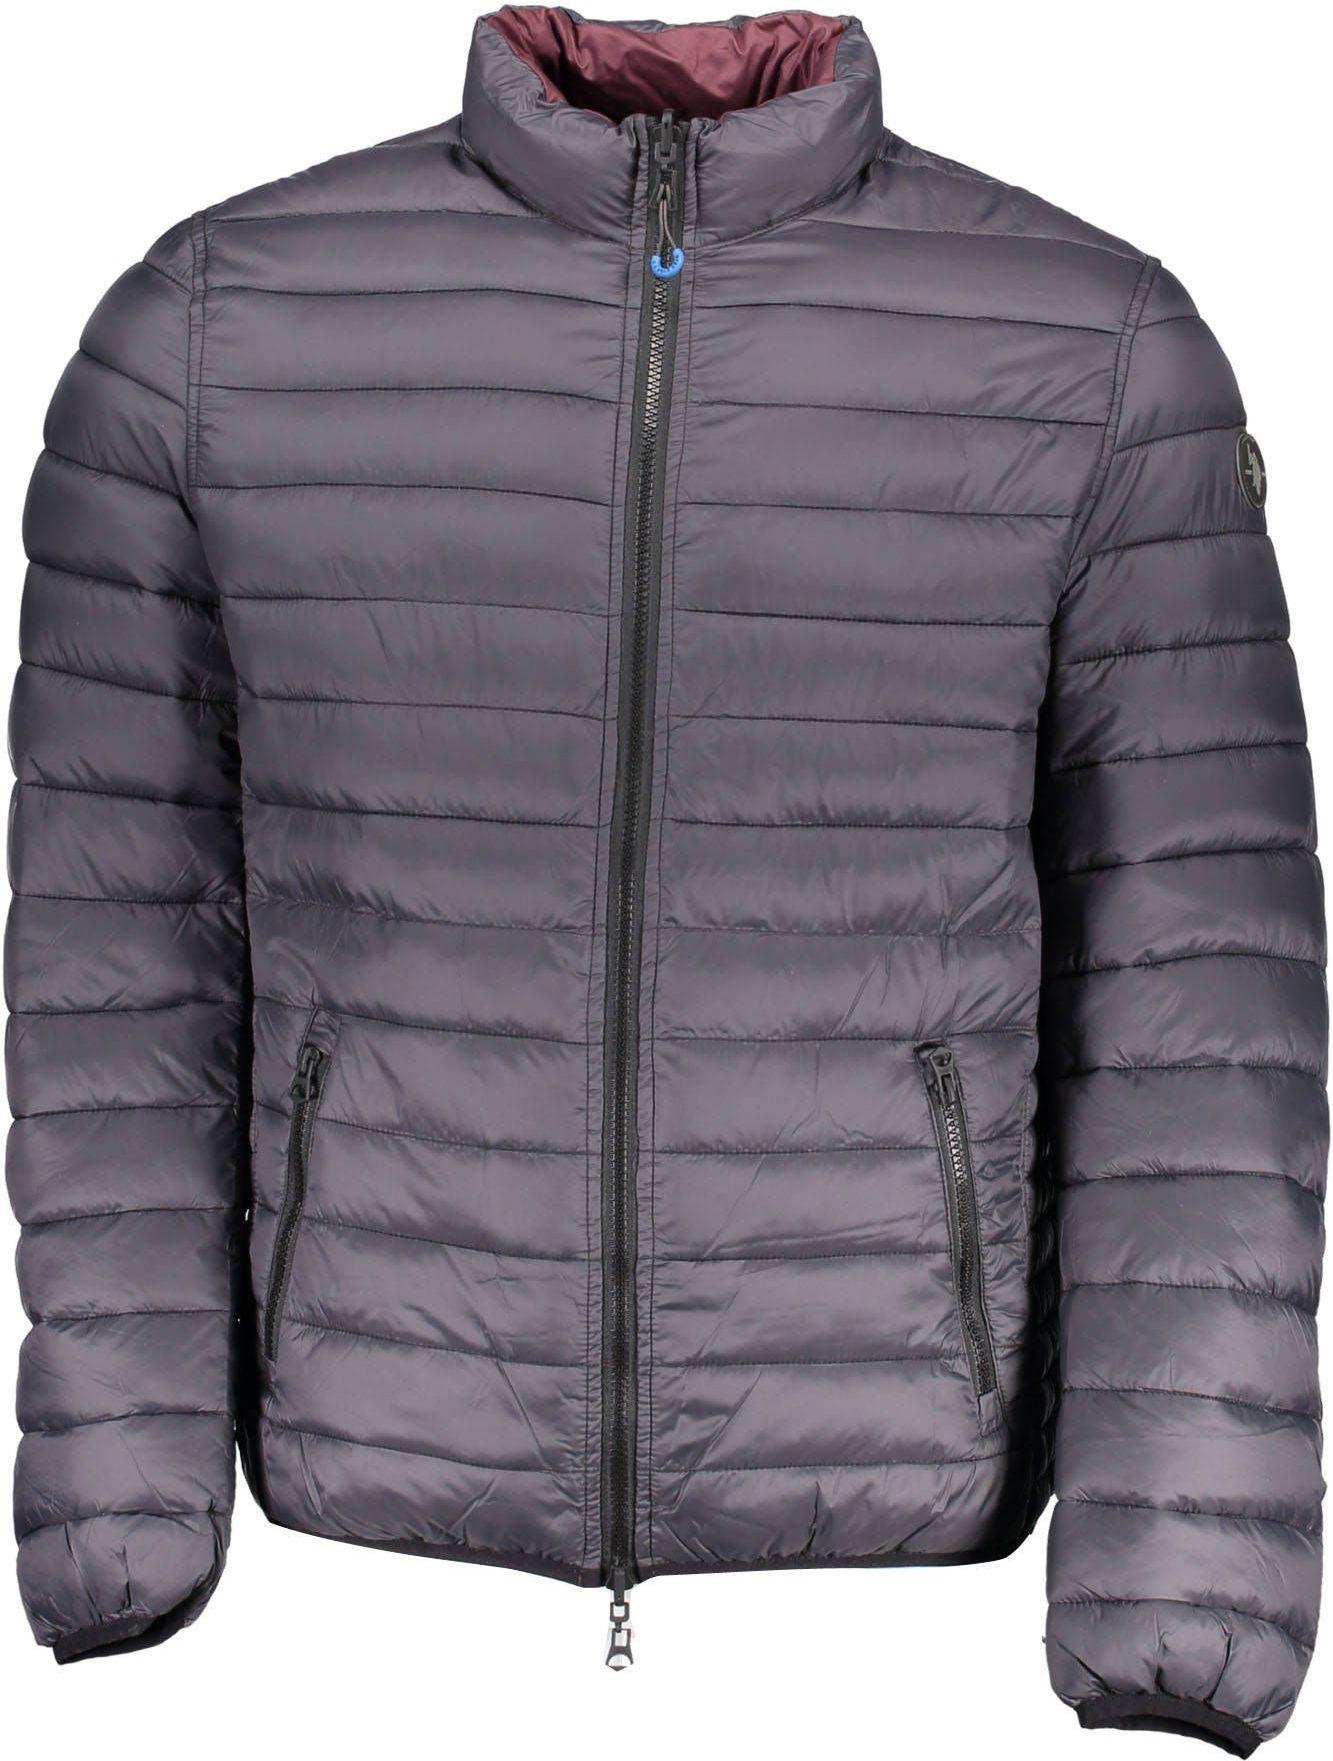 U.S. POLO ASSN. Jacket Men